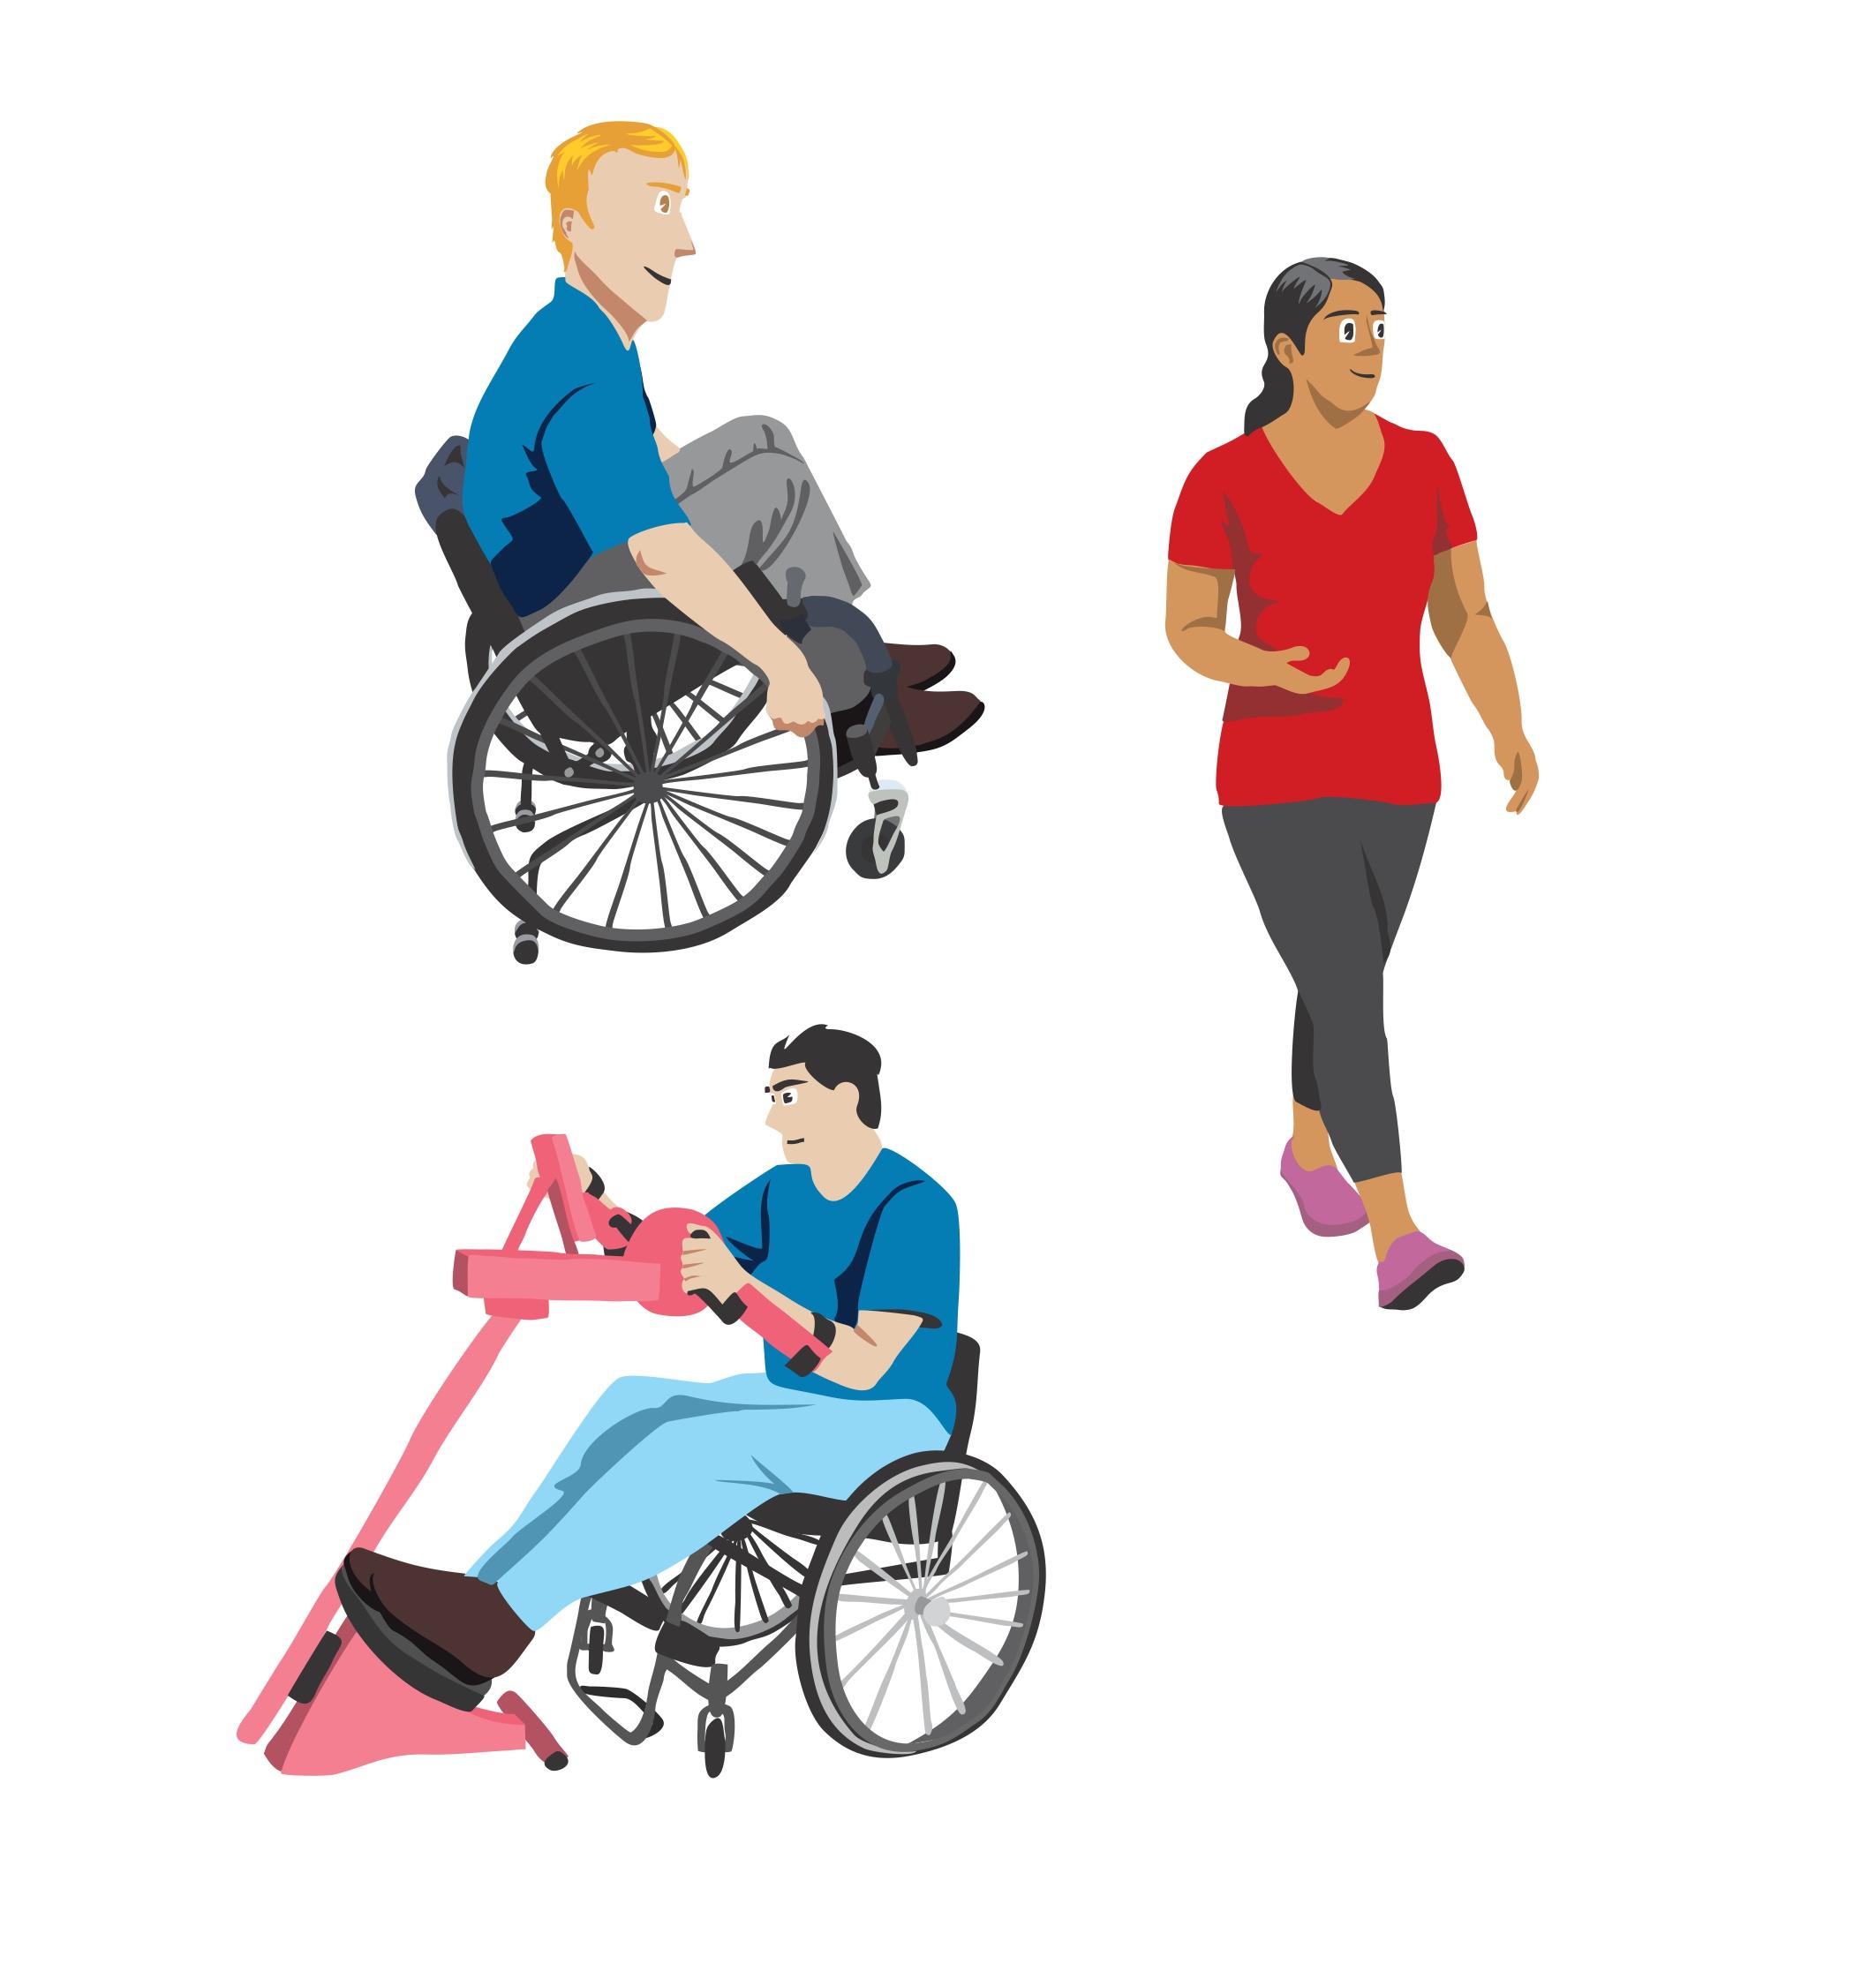 Illustrasjon hjuling gange trening sitter